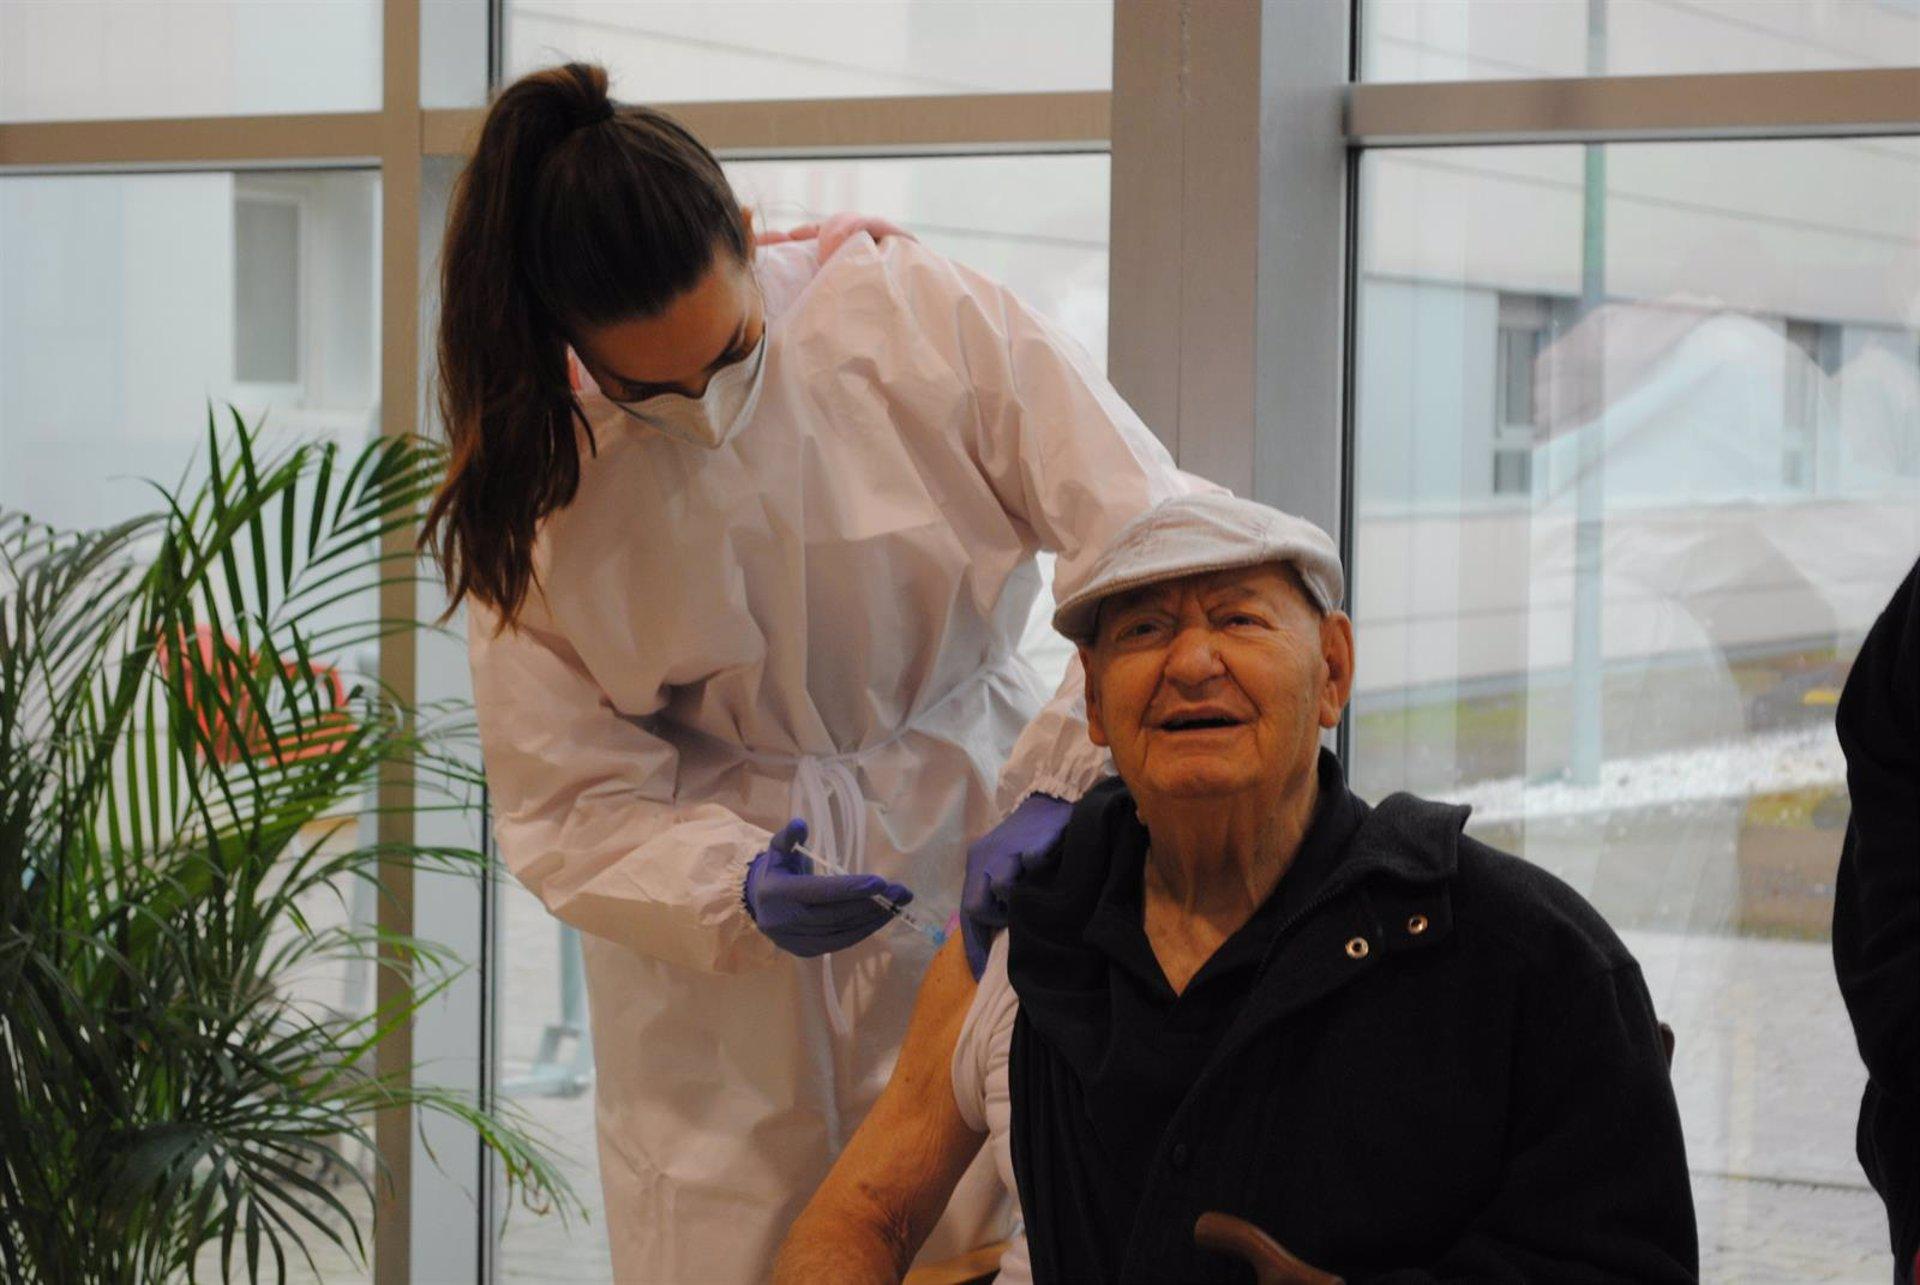 La Junta estudia vacunación masiva de mayores de 80 años en estadios, palacios de congresos o grandes superficies